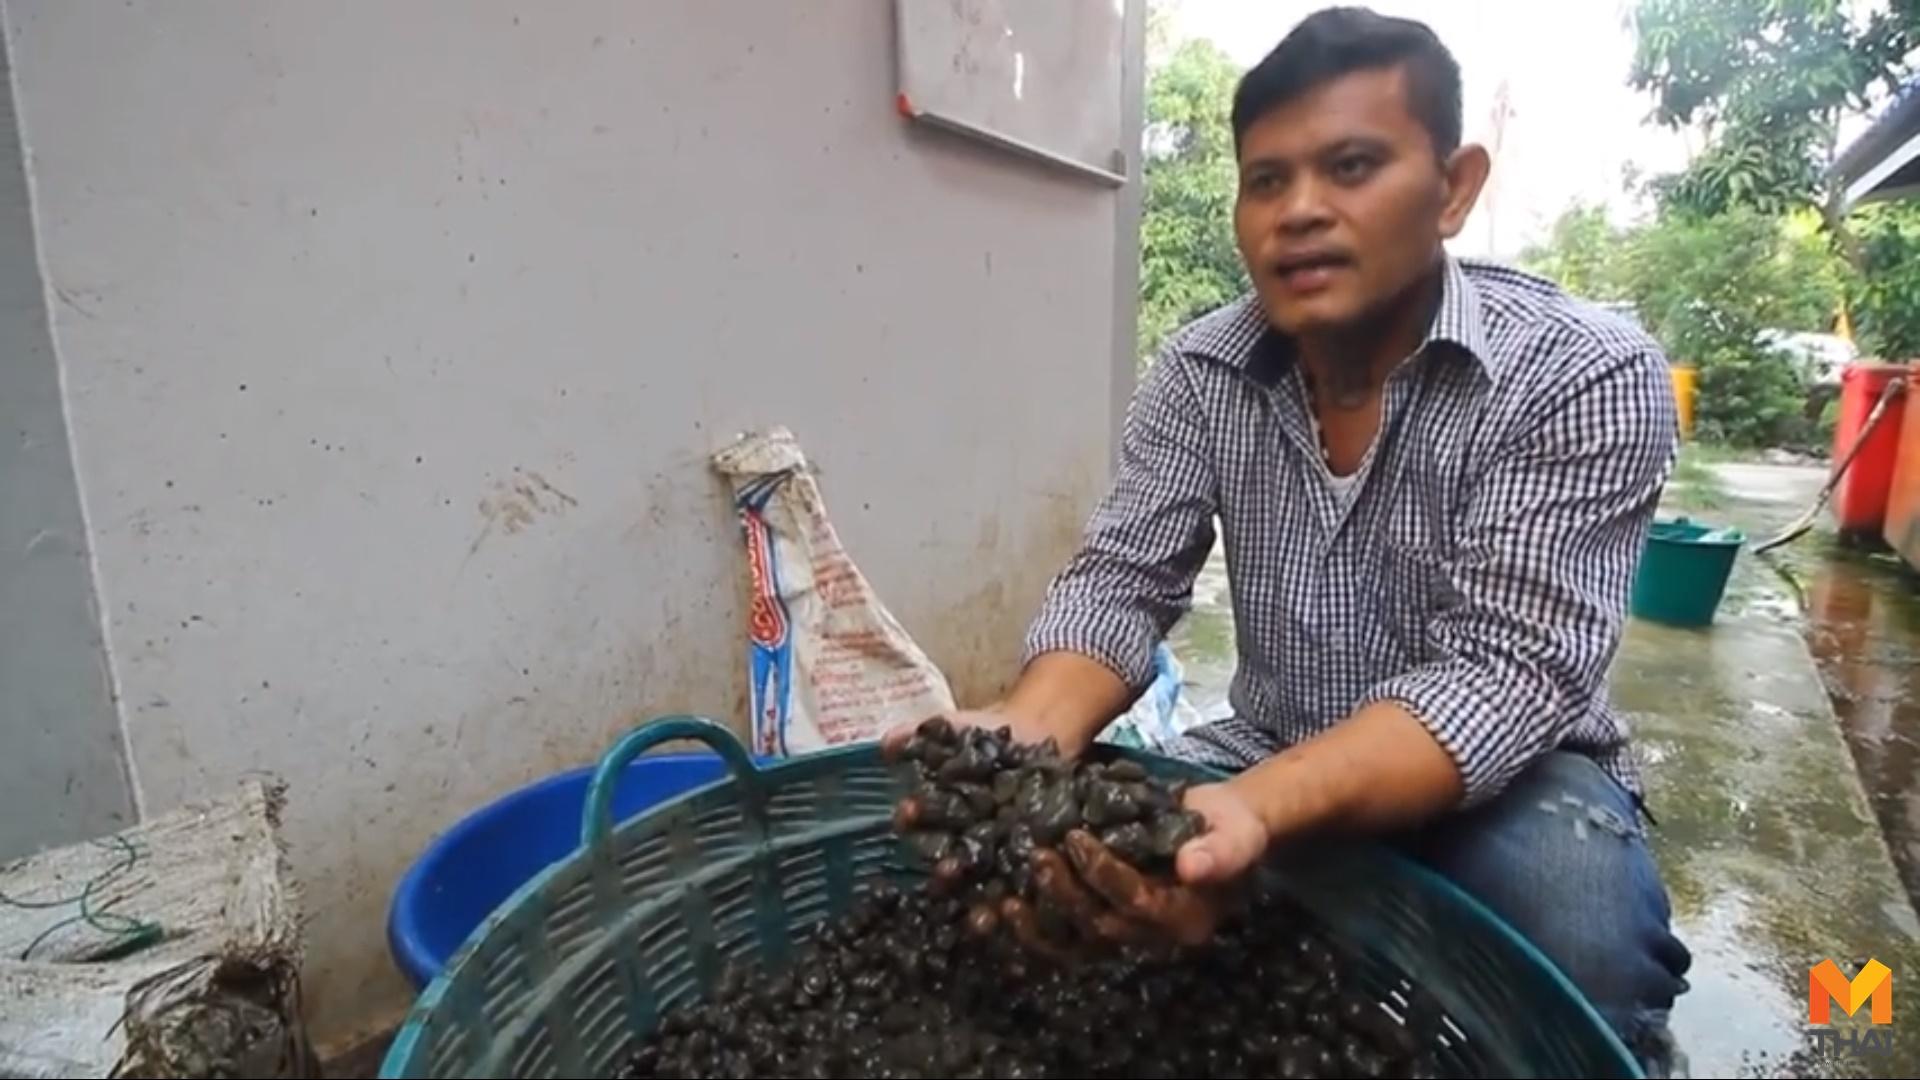 ข่าวภูมิภาค หอยขม เกษตรสร้างรายได้ เลี้ยงหอยขม